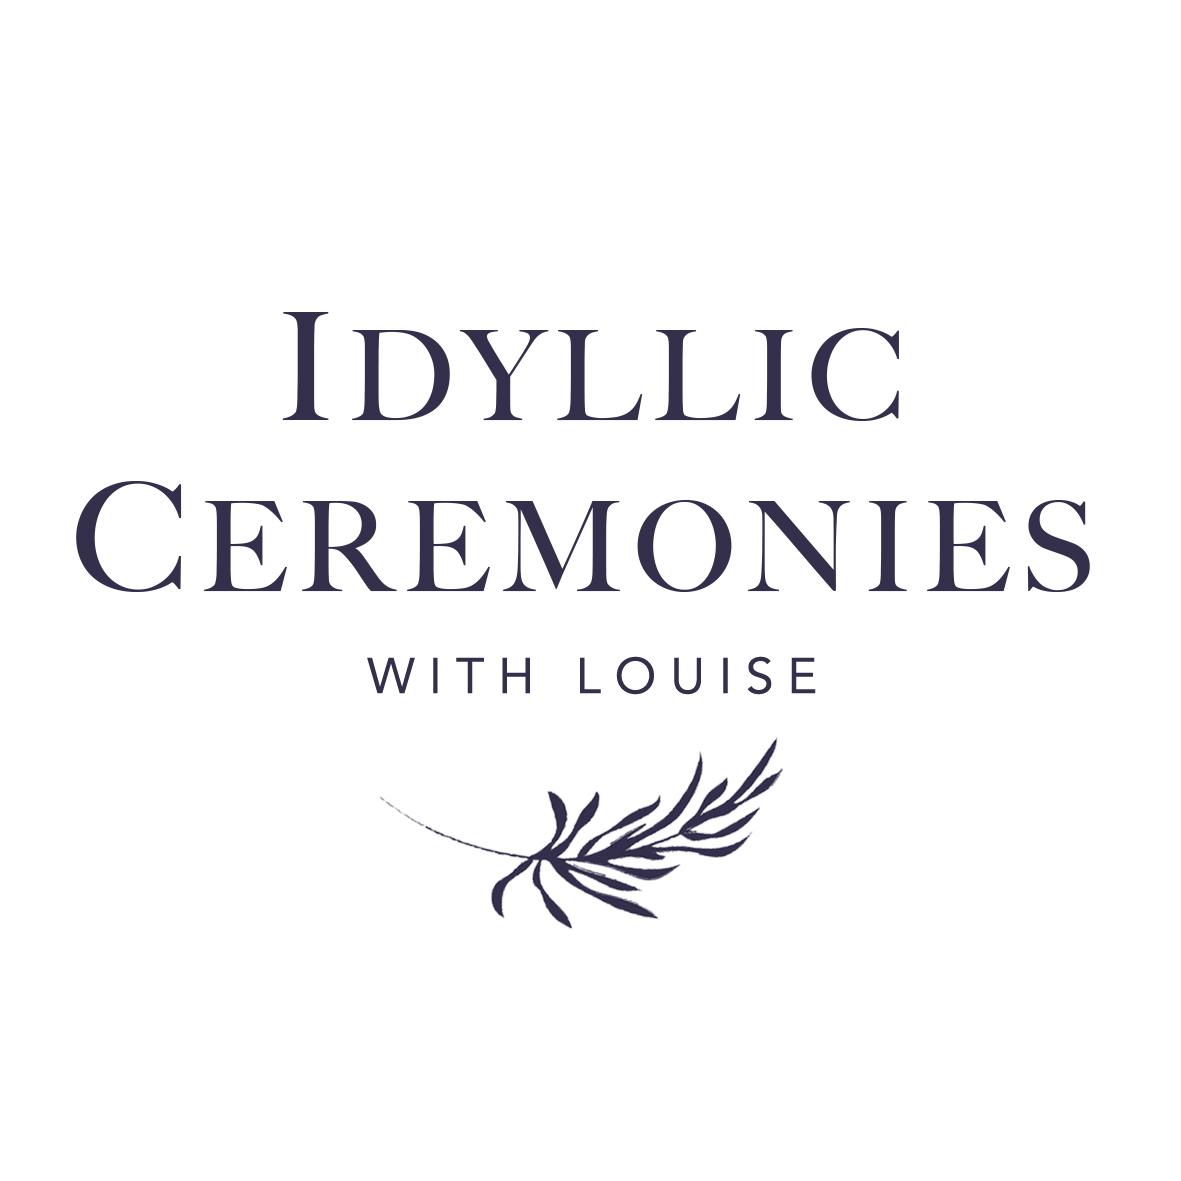 Idyllic Ceremonies